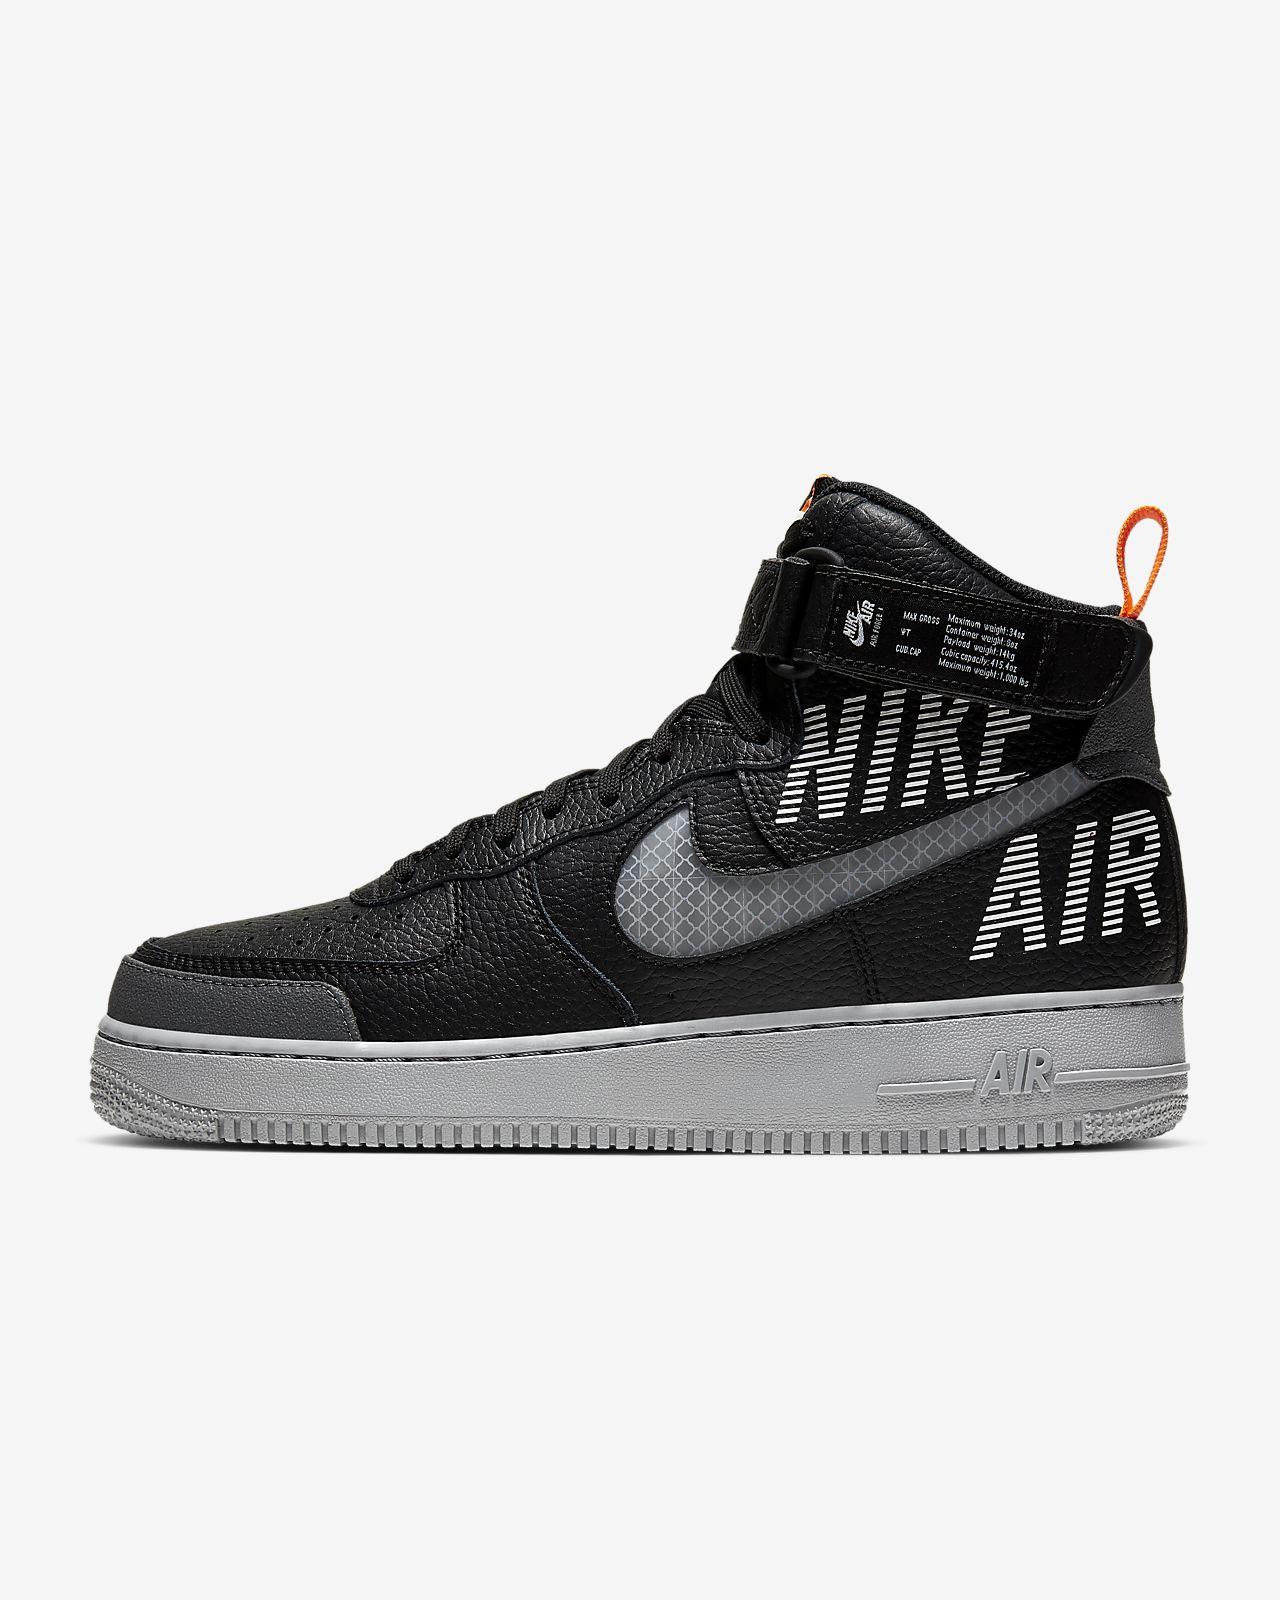 air force 1 nike noir